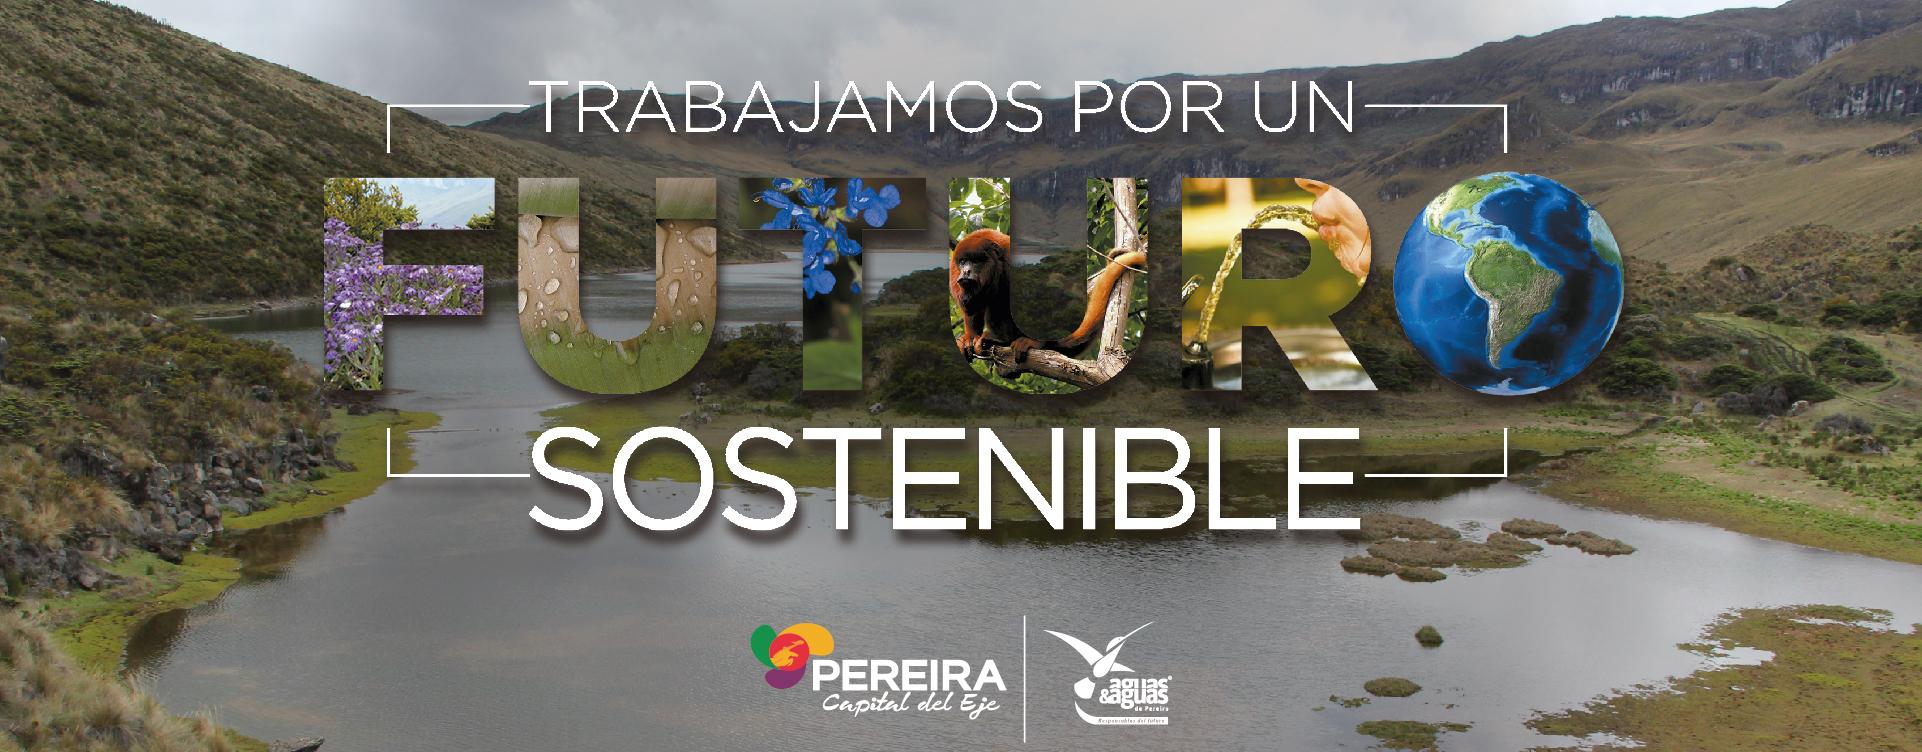 futurosostenible2019